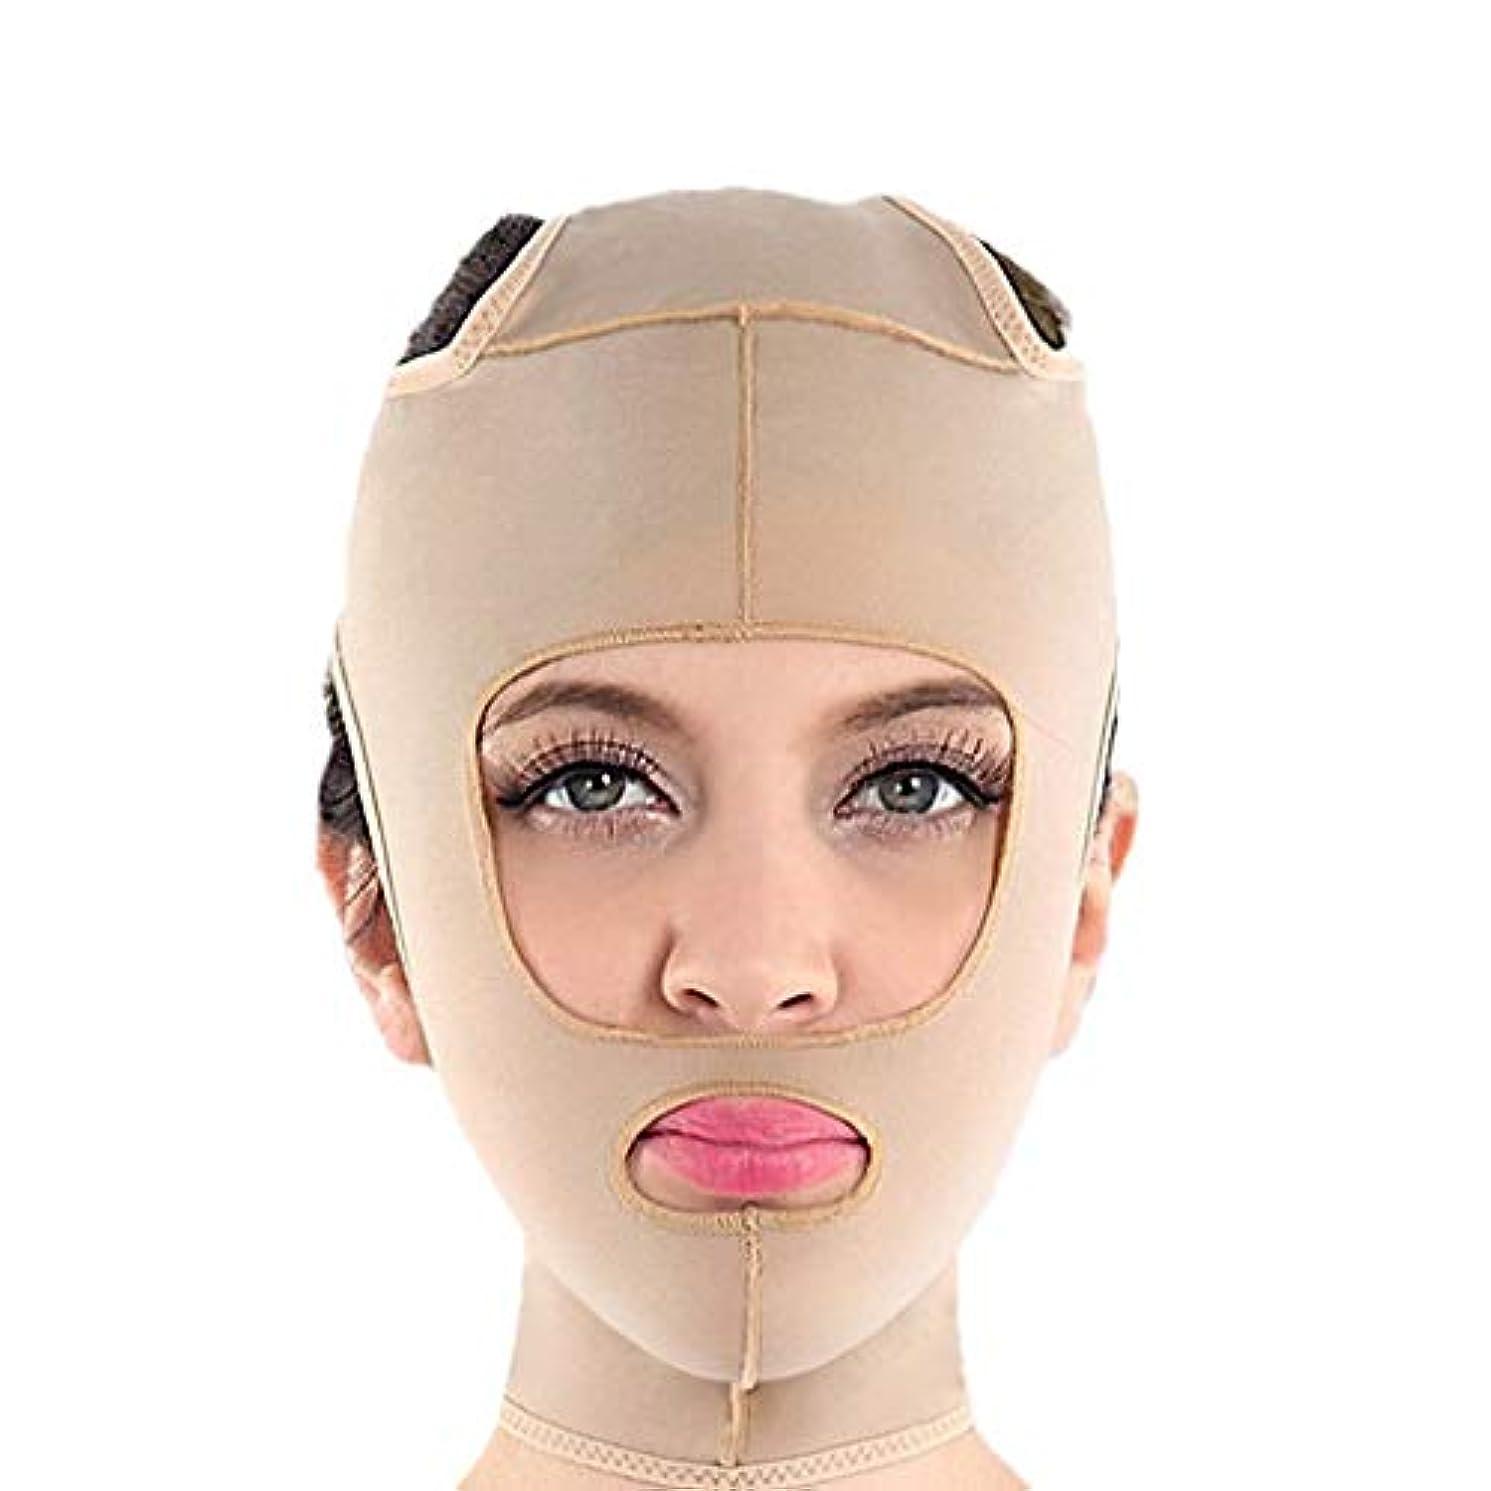 把握錆び予備フェイスリフティング、ダブルチンストラップ、フェイシャル減量マスク、ダブルチンを減らすリフティングヌードル、ファーミングフェイス、パワフルリフティングマスク(サイズ:M),S